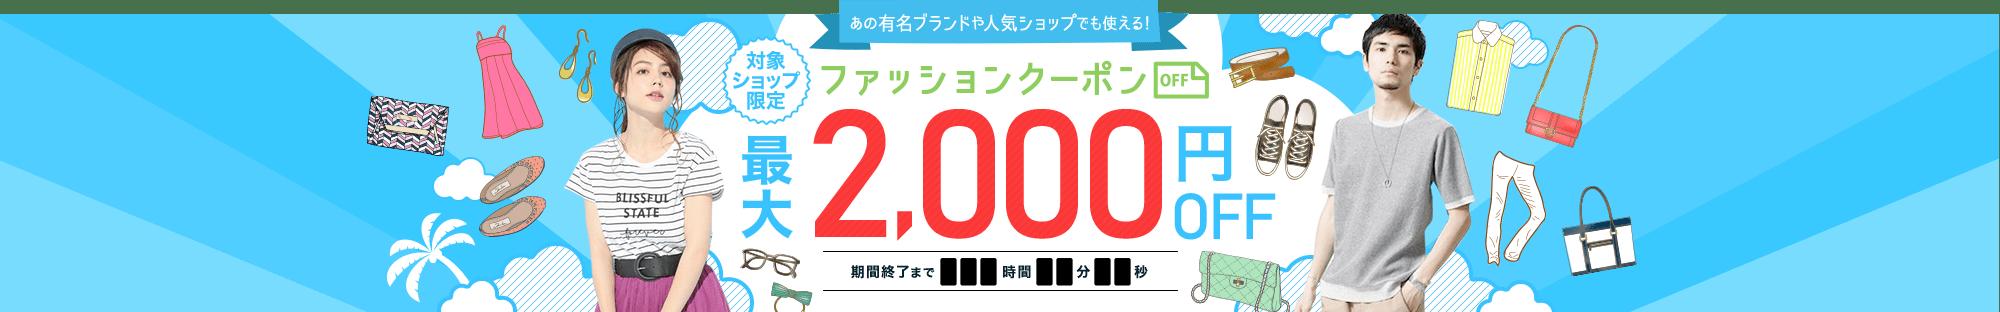 【楽天市場】ファッション最大2,000円OFFクーポン